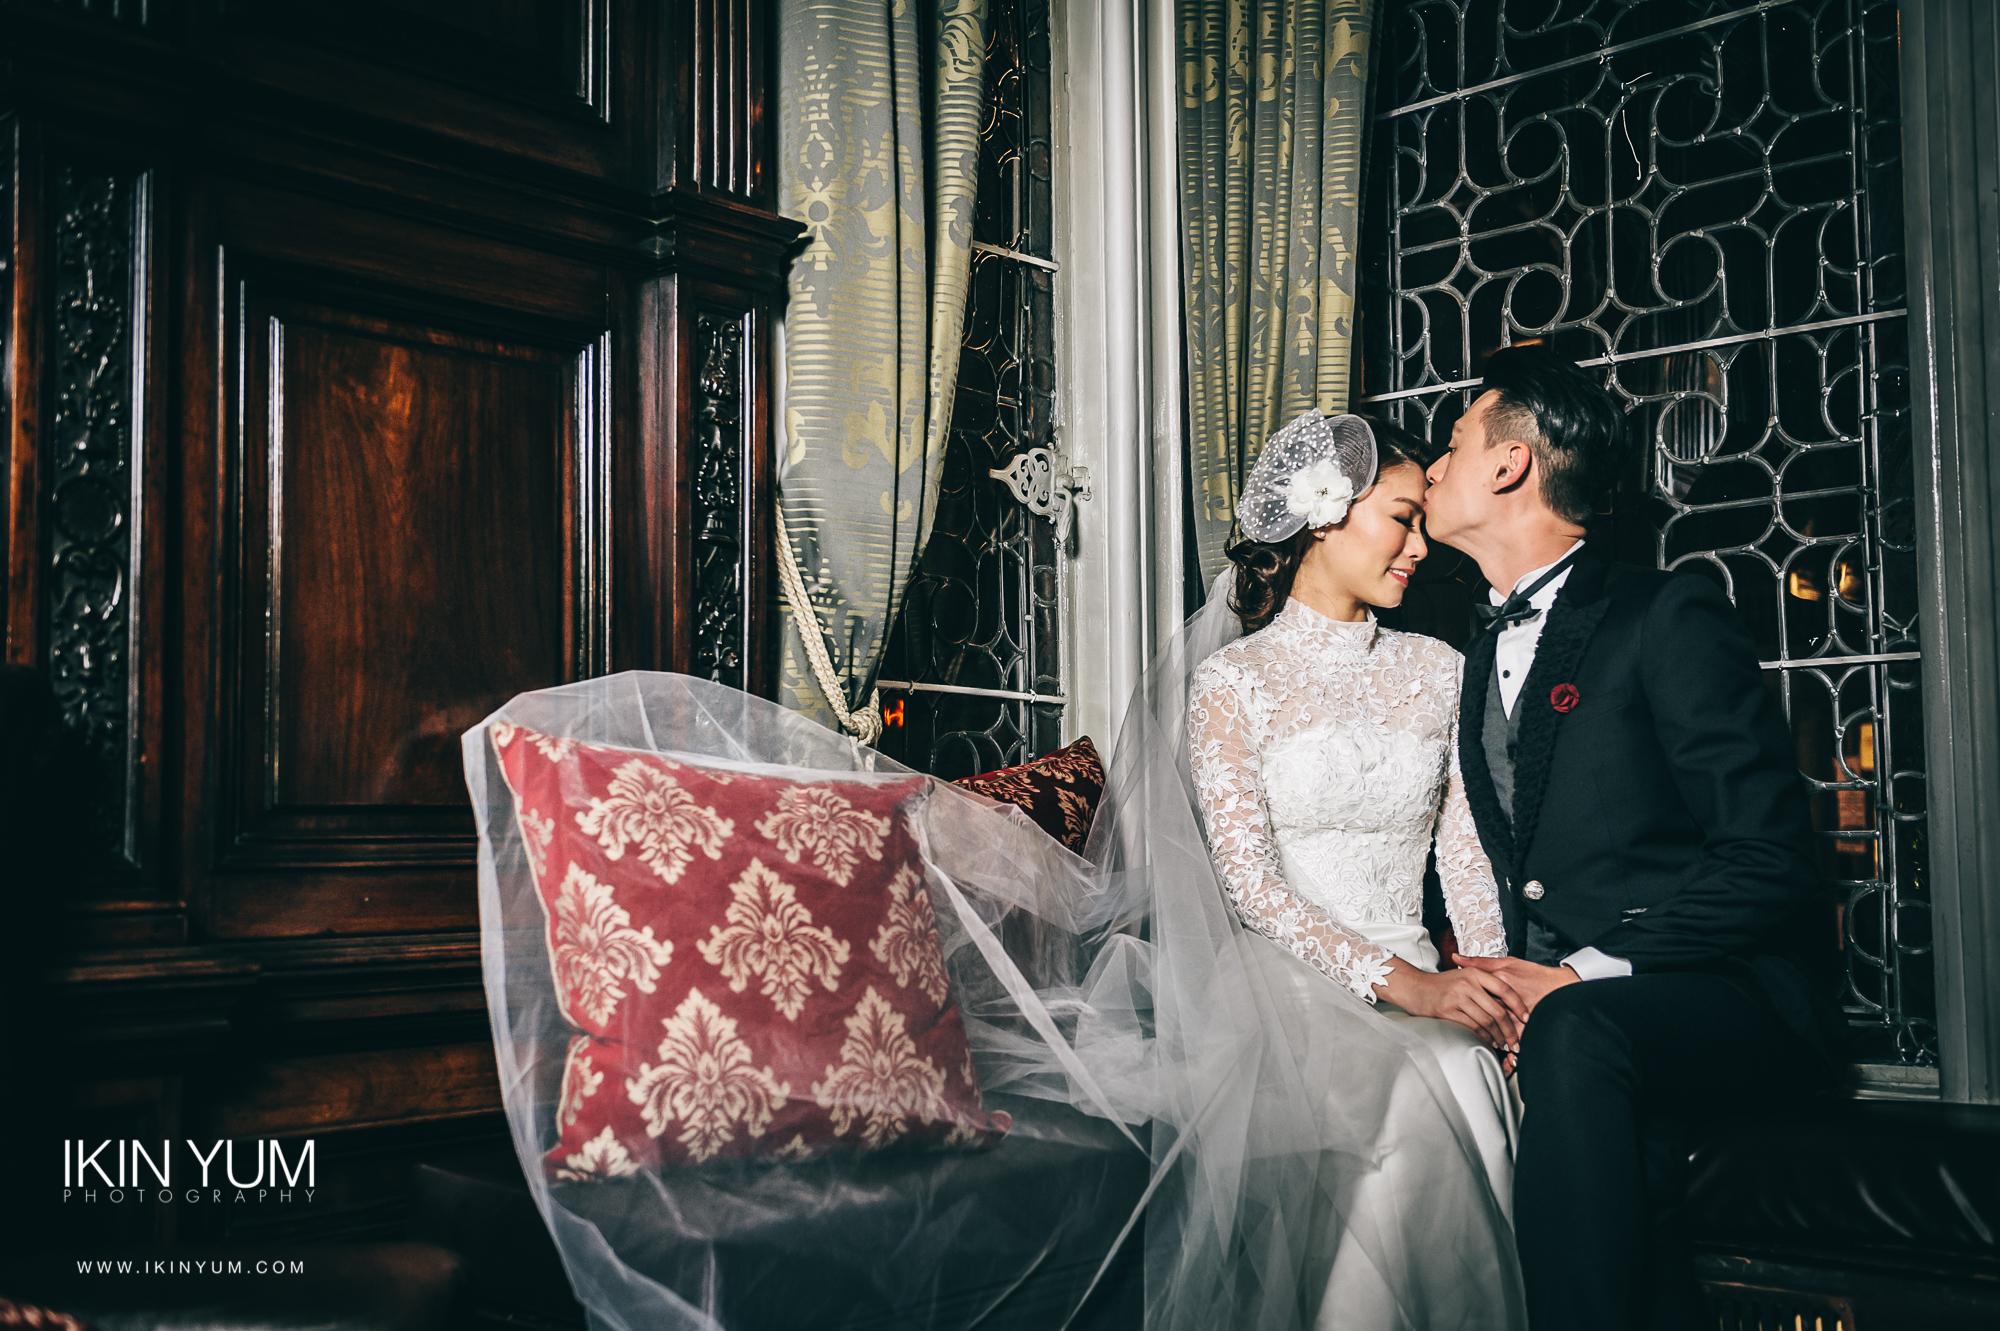 Pre-Wedding Shoot London Zann + Danny - Ikin Yum Photography-050.jpg